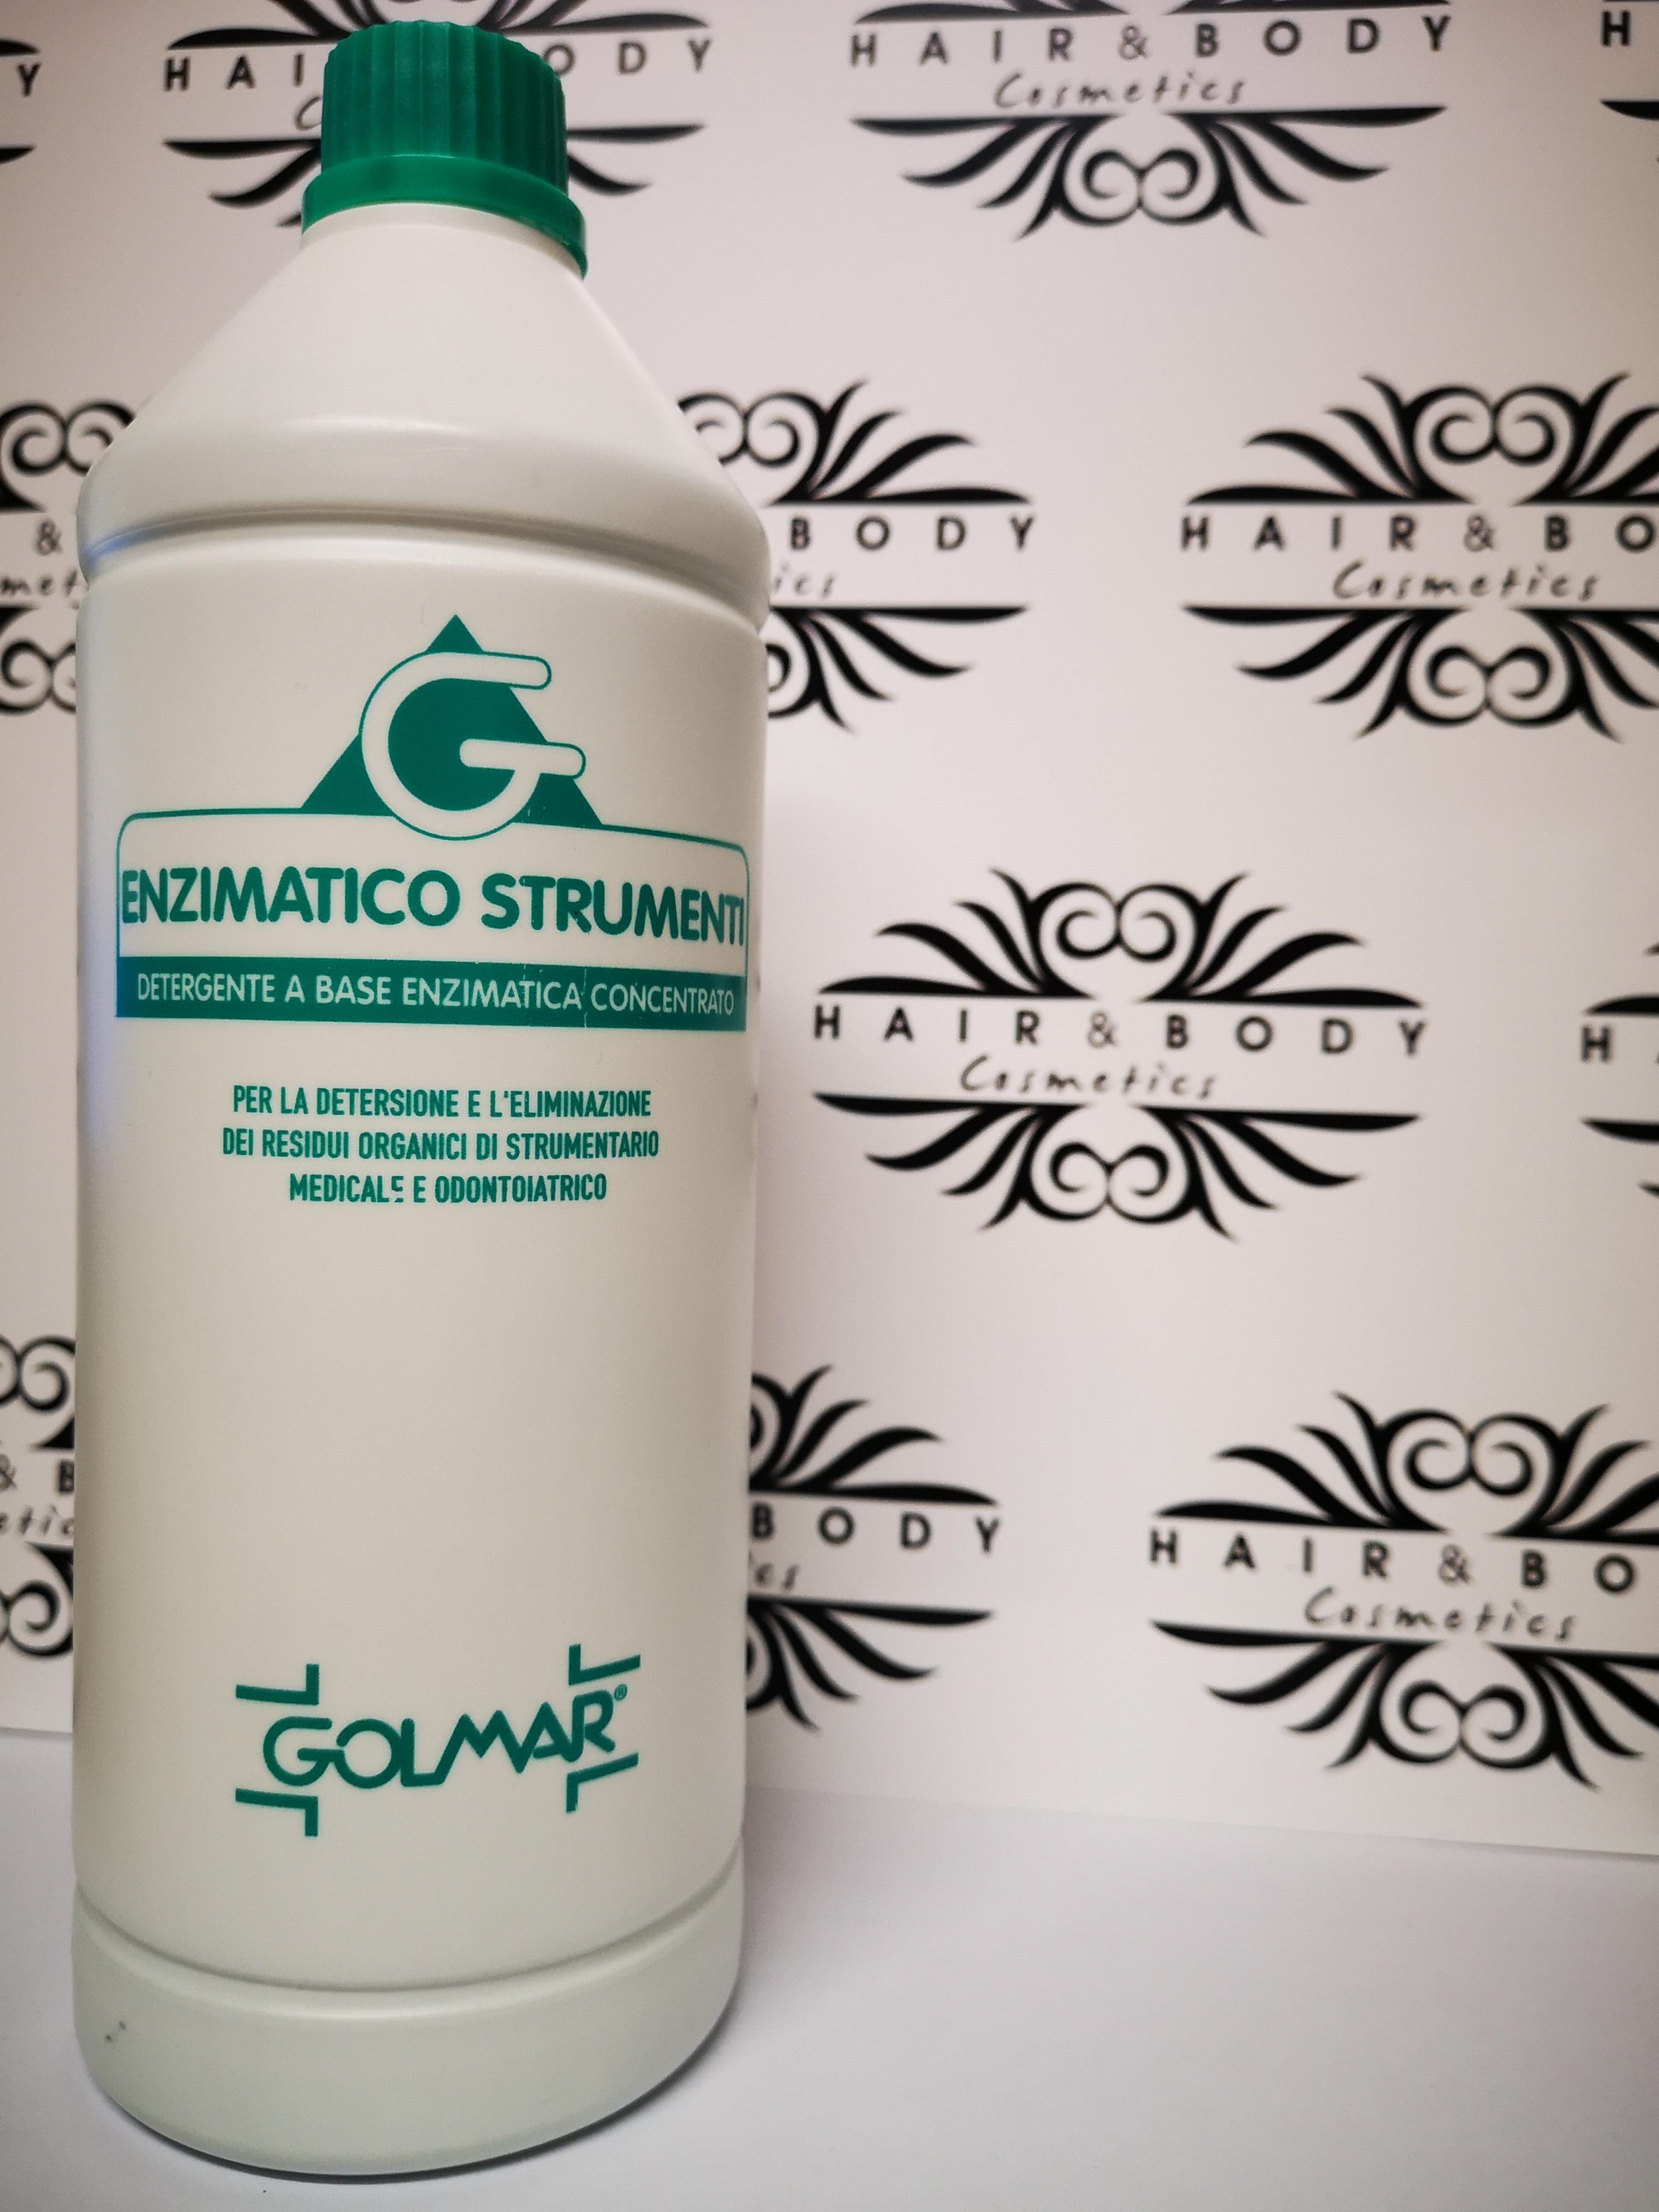 Golmar Enzimatico Strumenti 1000ml